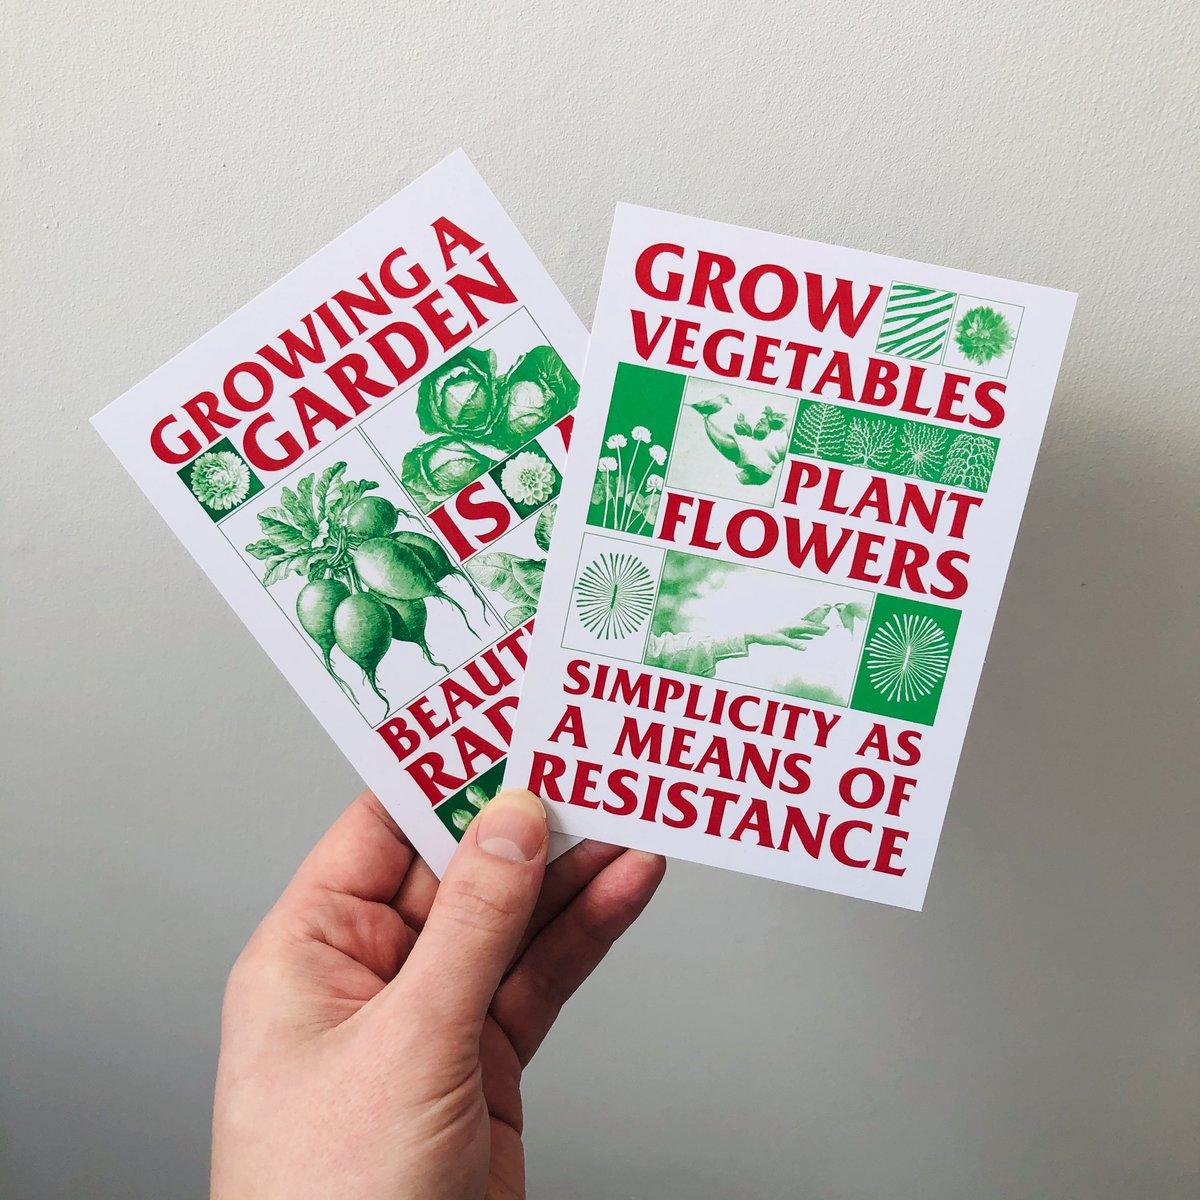 Image of Radical Gardening two postcard set